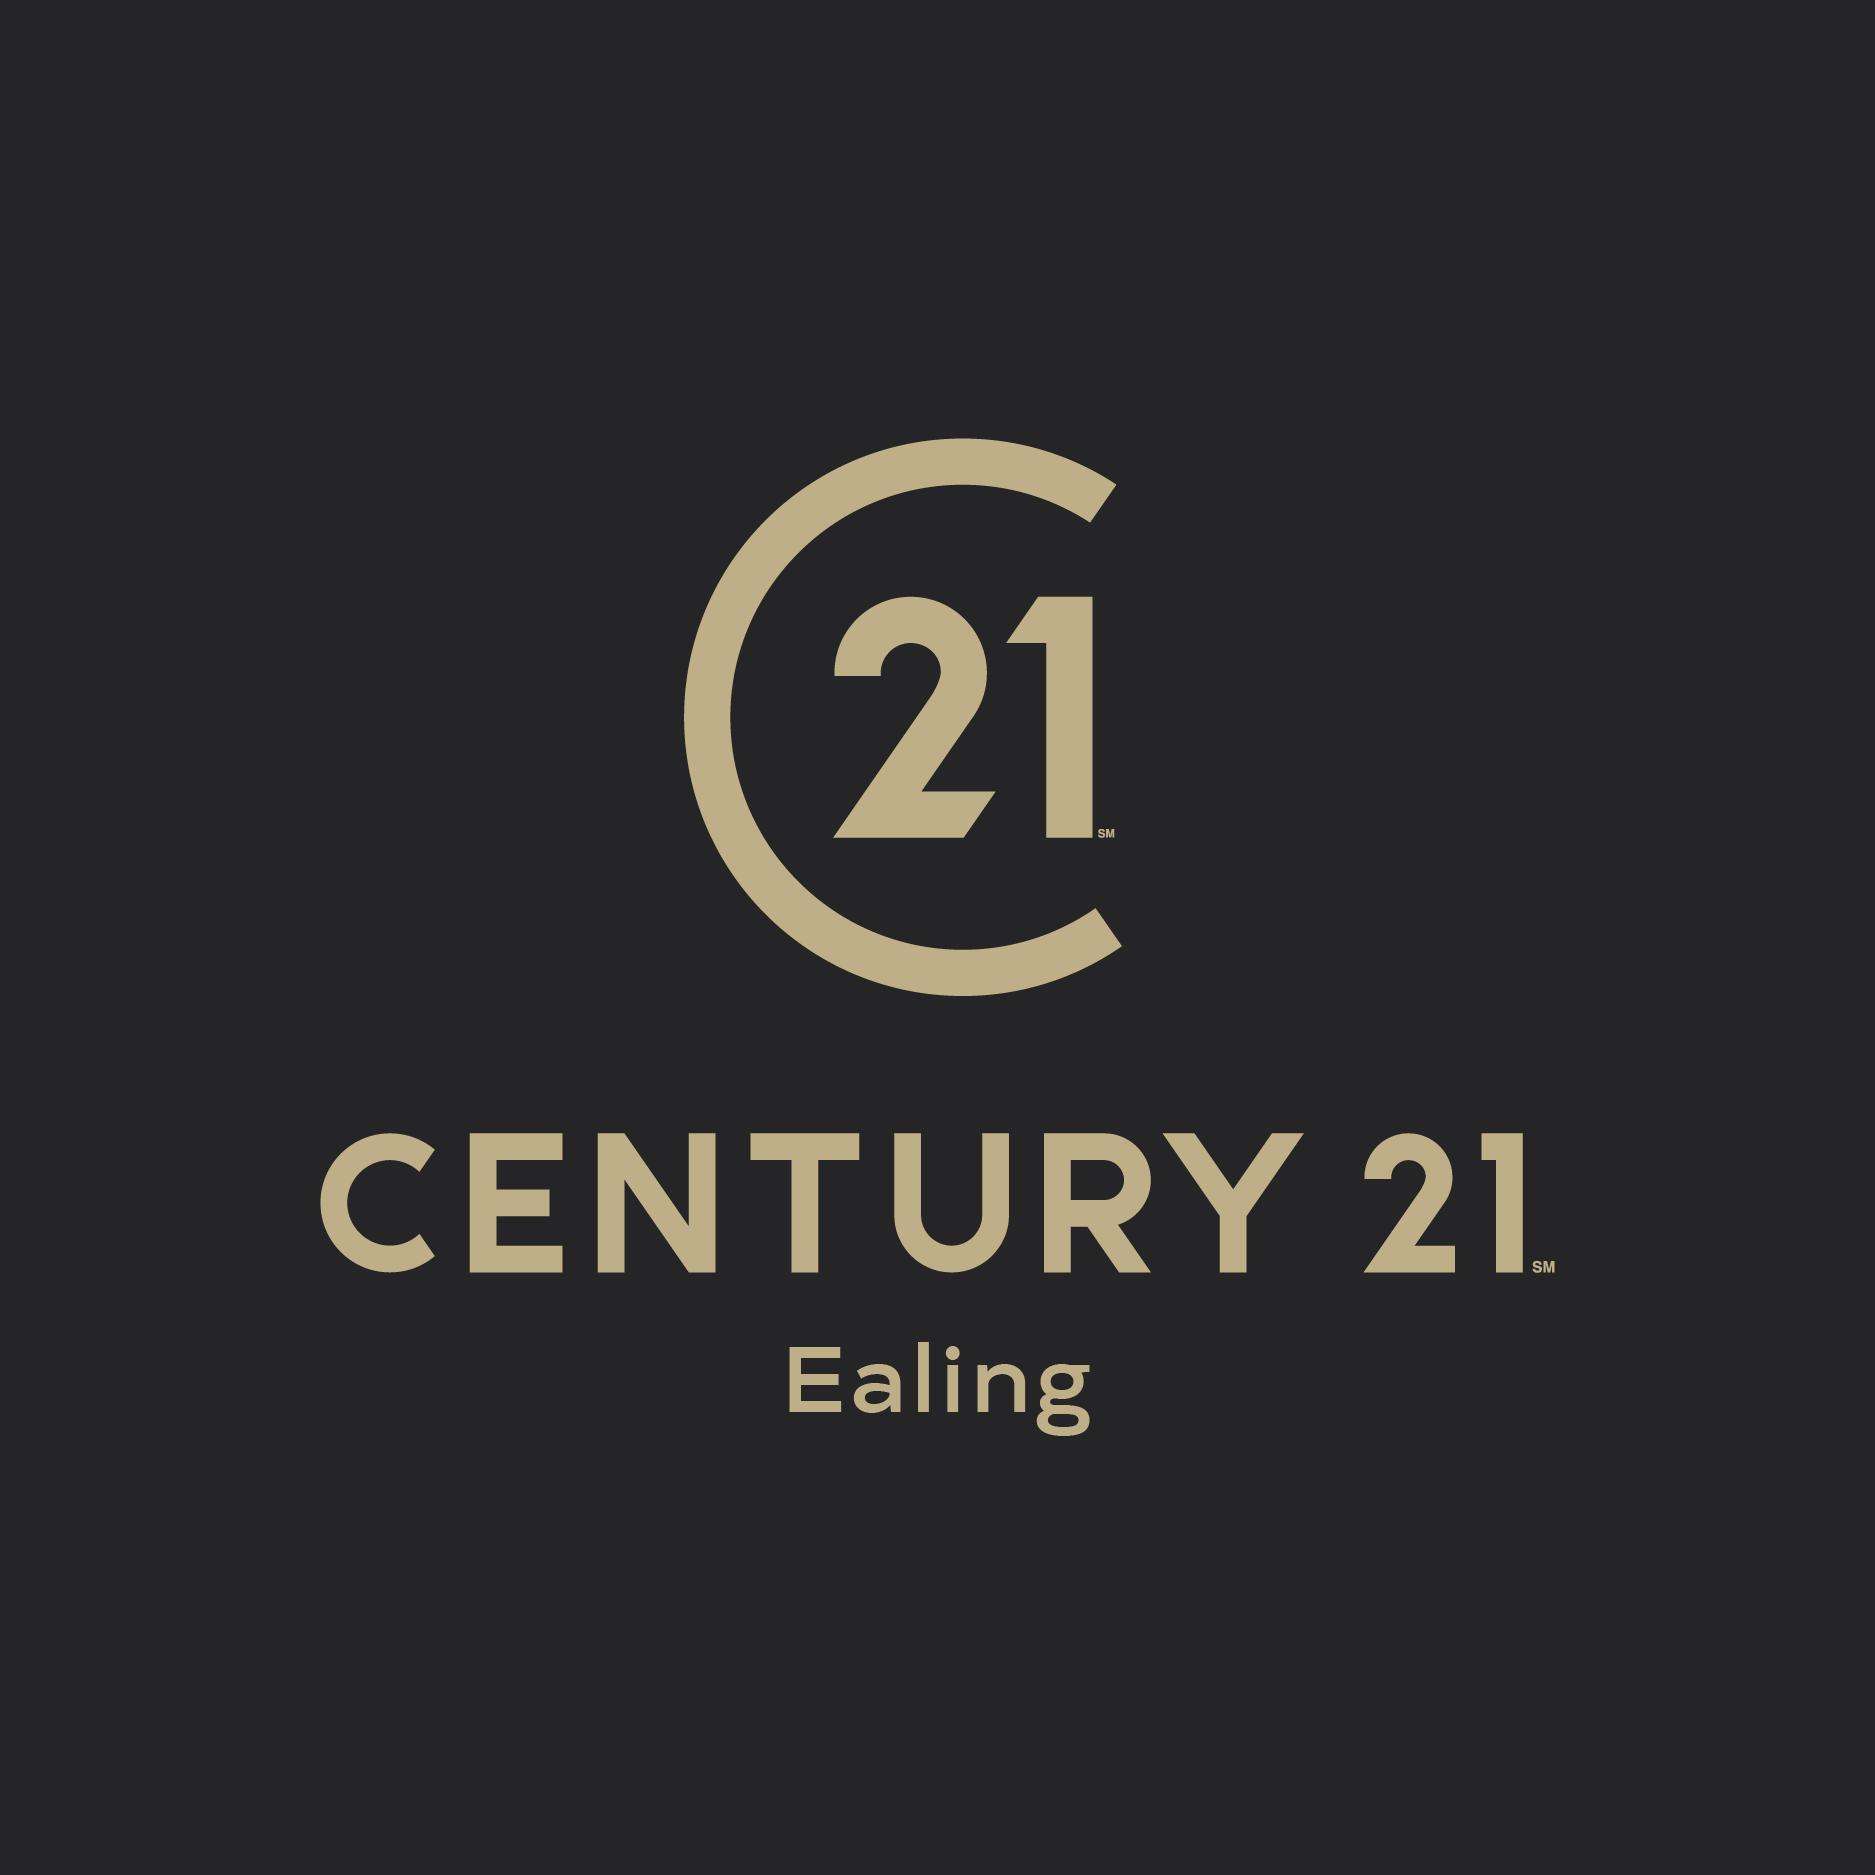 Century 21 - Ealing